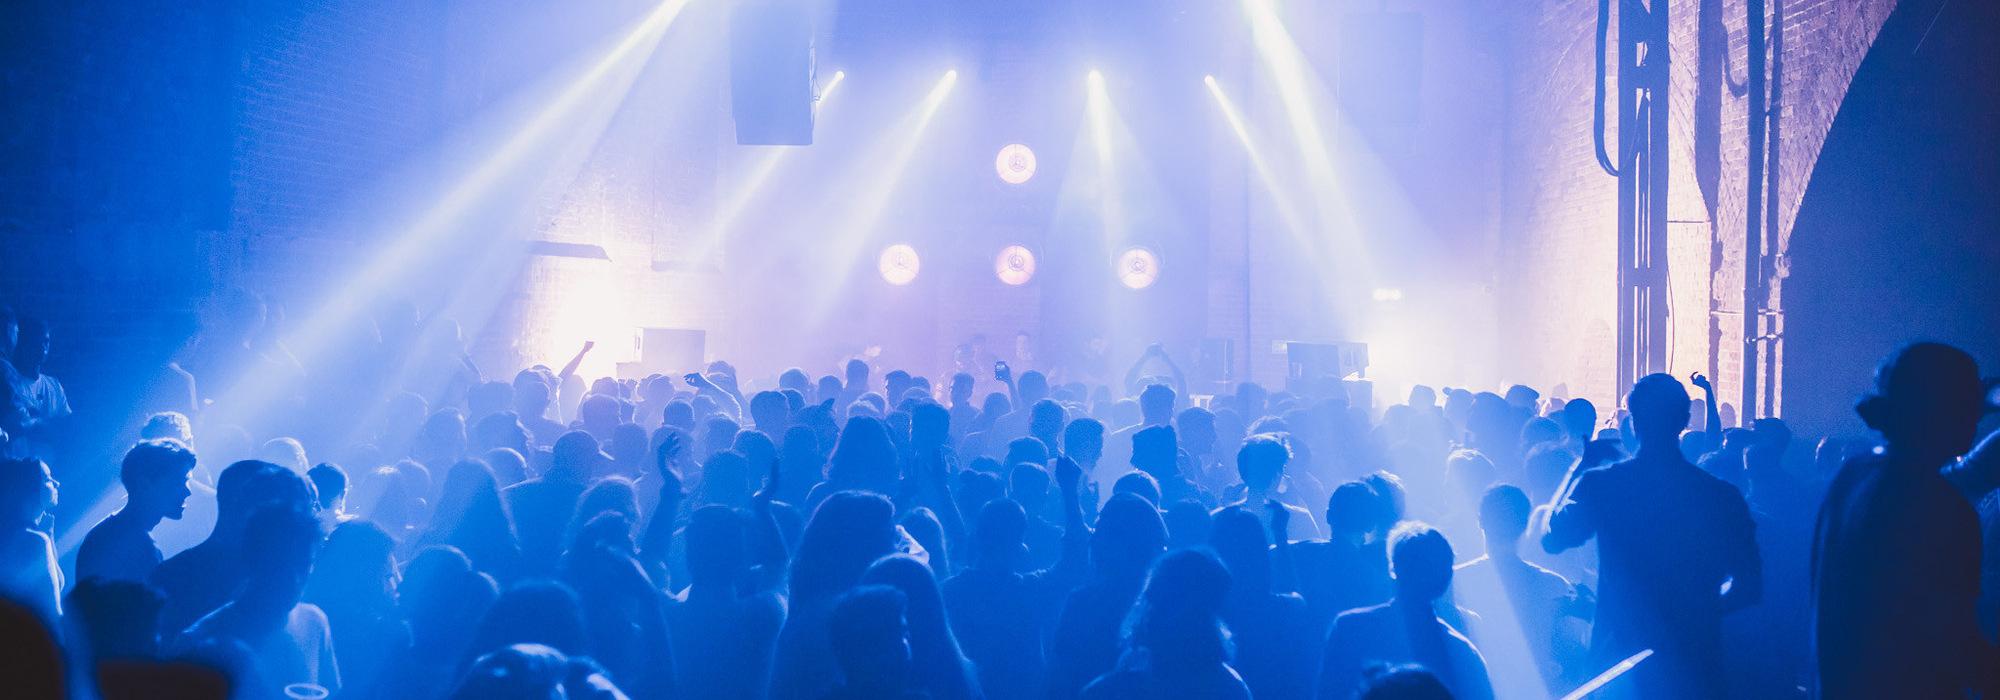 A Les Louanges live event